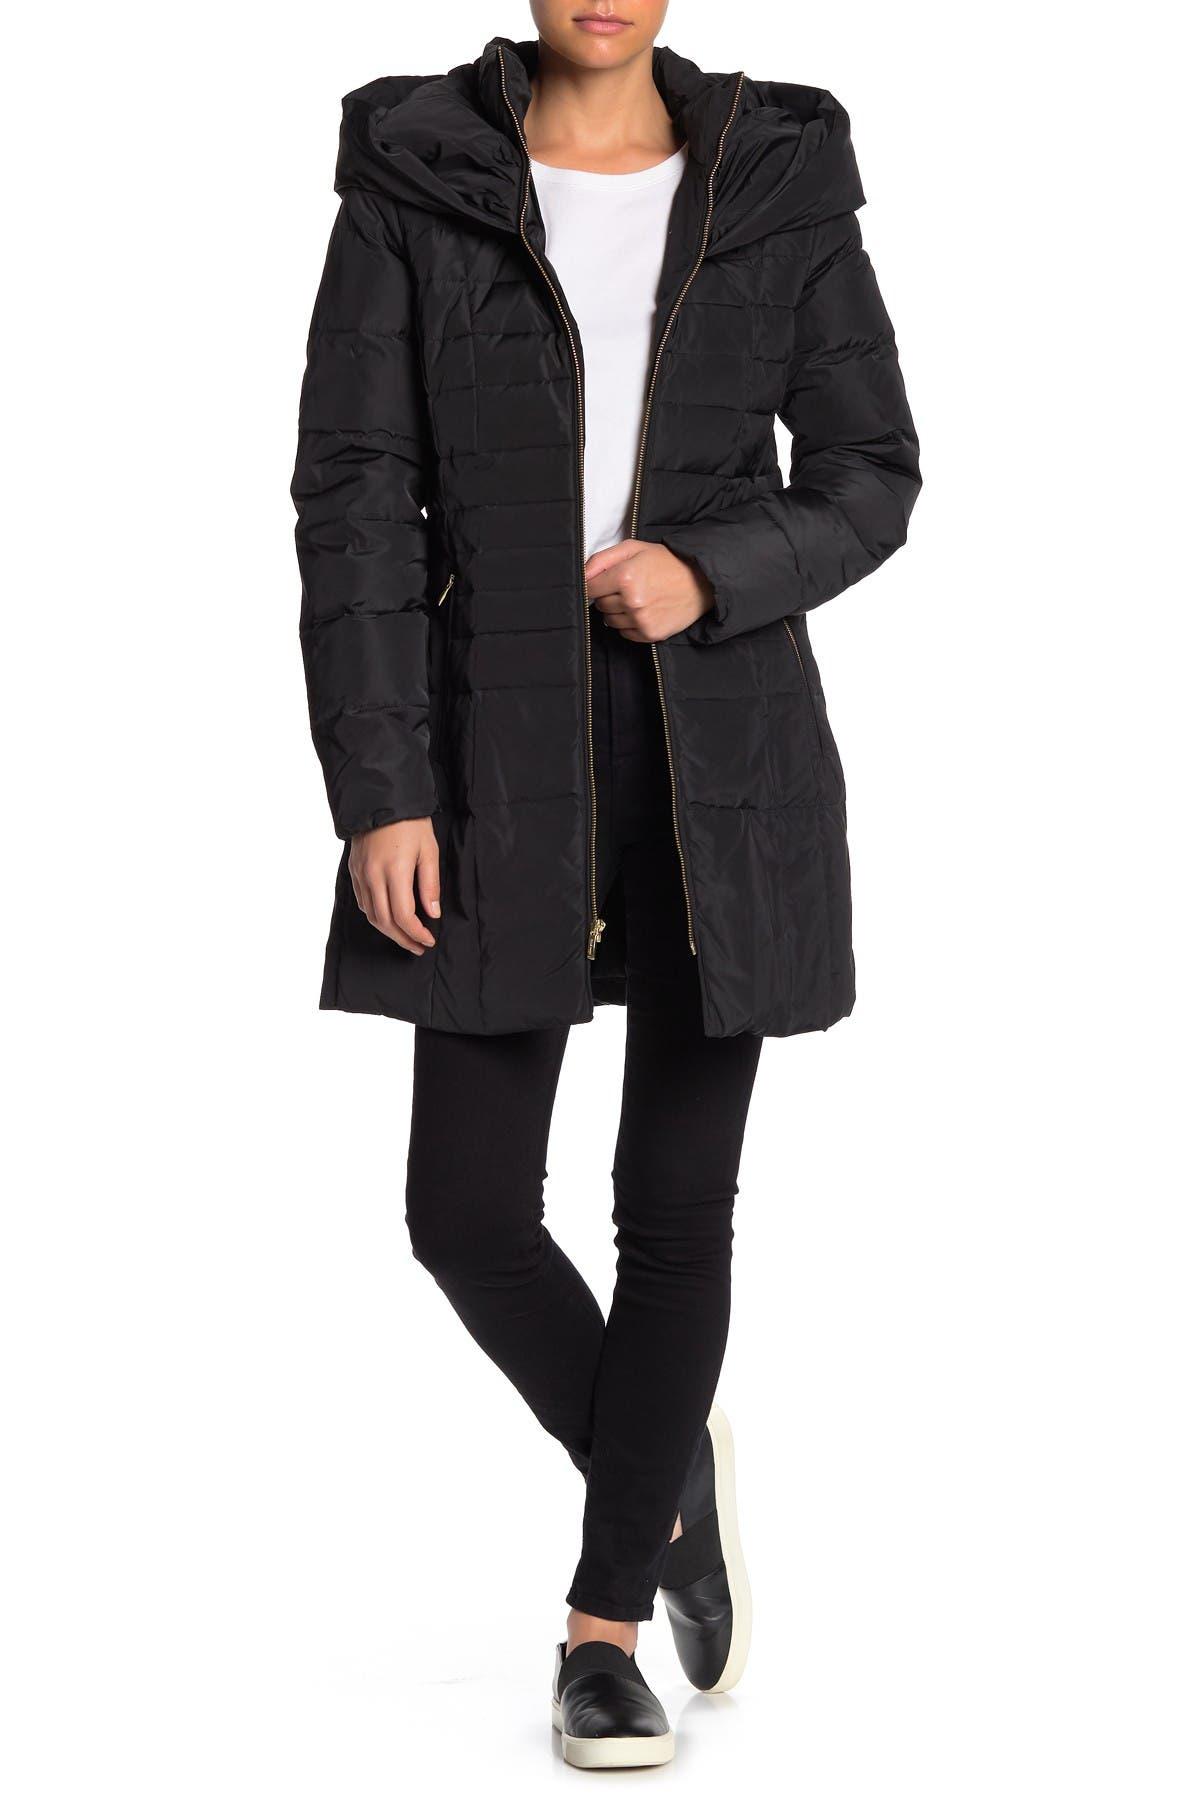 Image of Cole Haan Zip Front Down Jacket